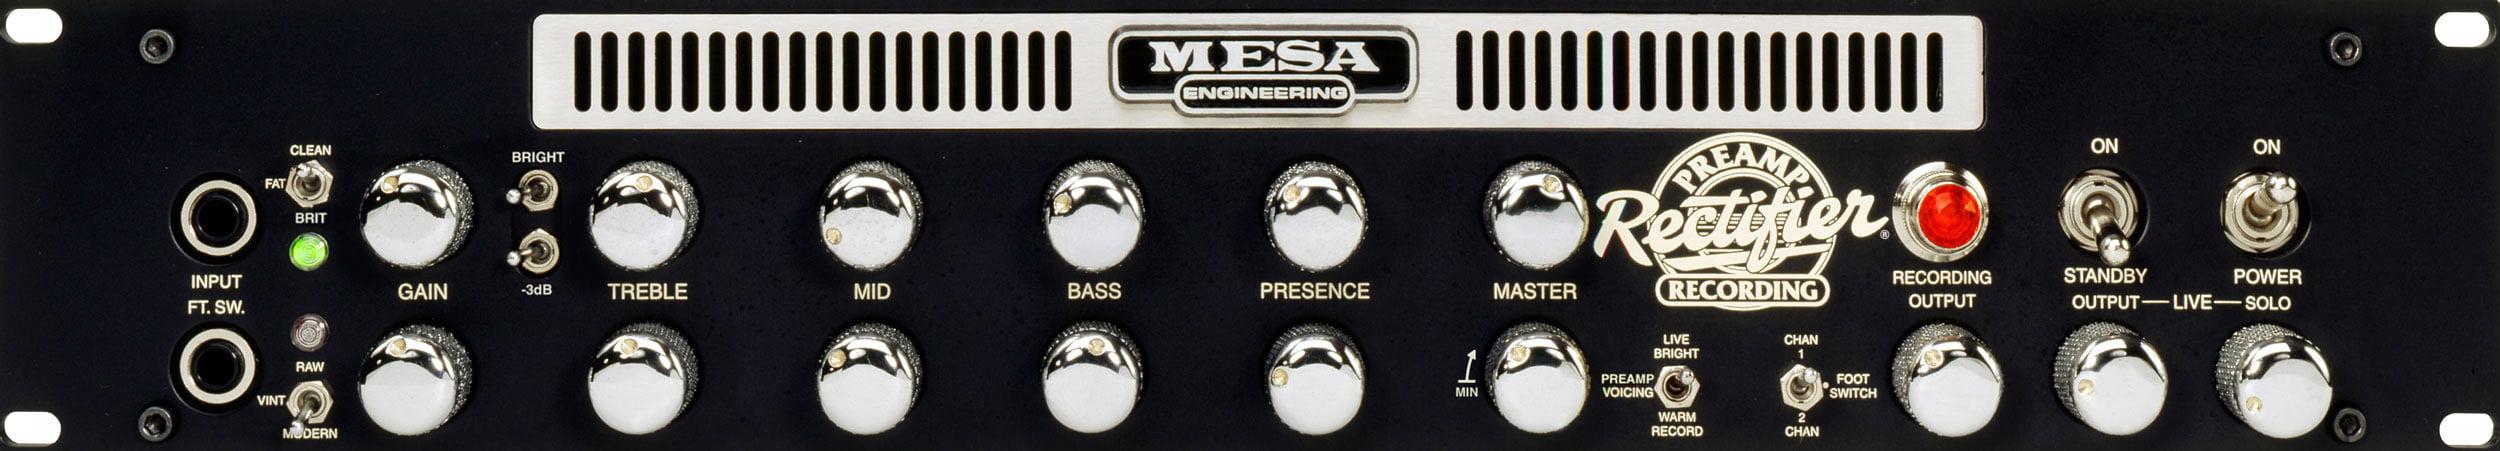 Mesa Boogie Recording Preamp